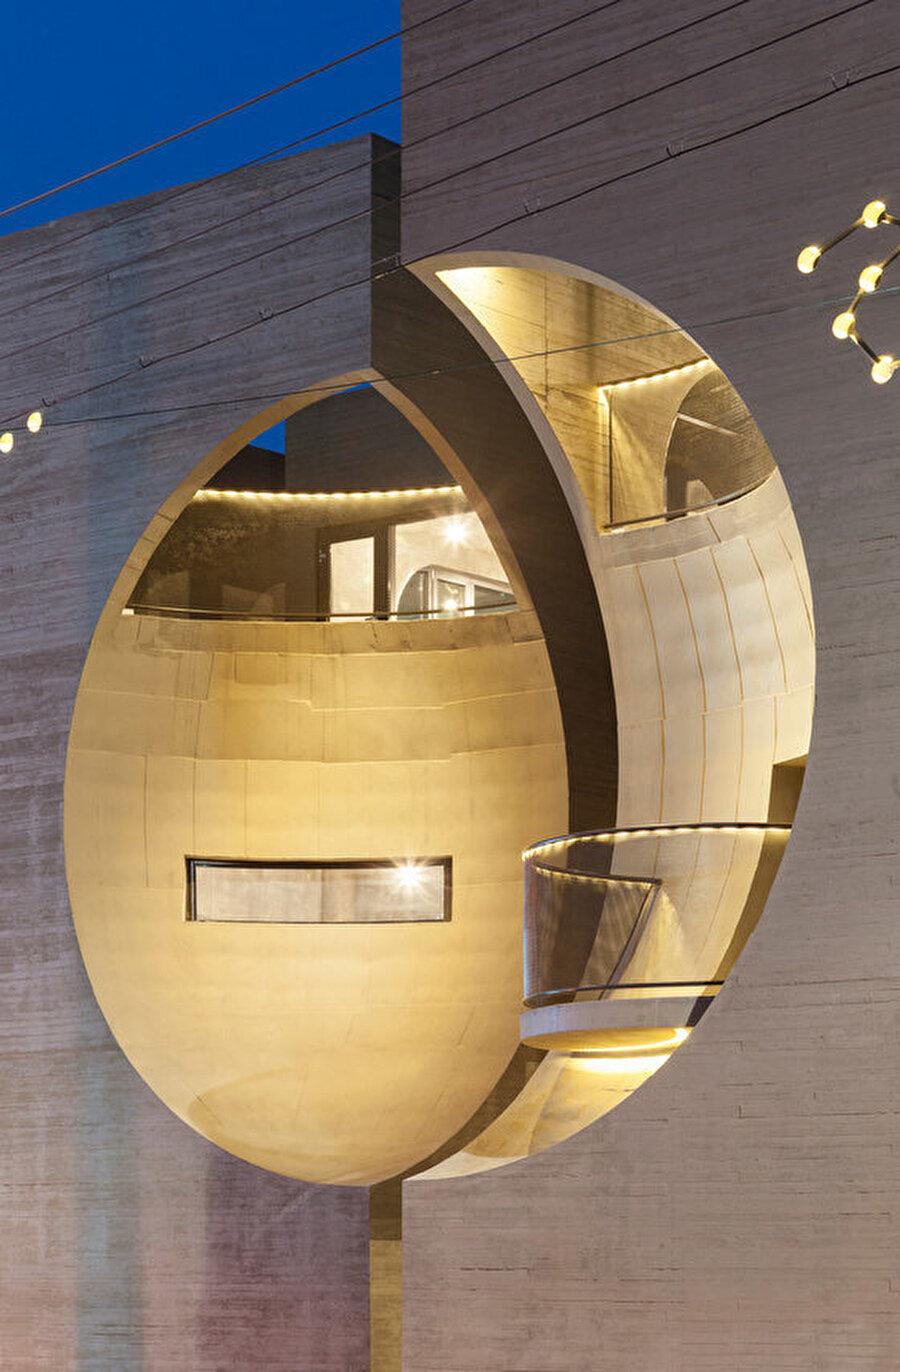 İki binanın cephesindeki birbirinin devamı olan iç bükey yüzeyler, yapının bir bütün olarak algılanmasını sağlıyor.